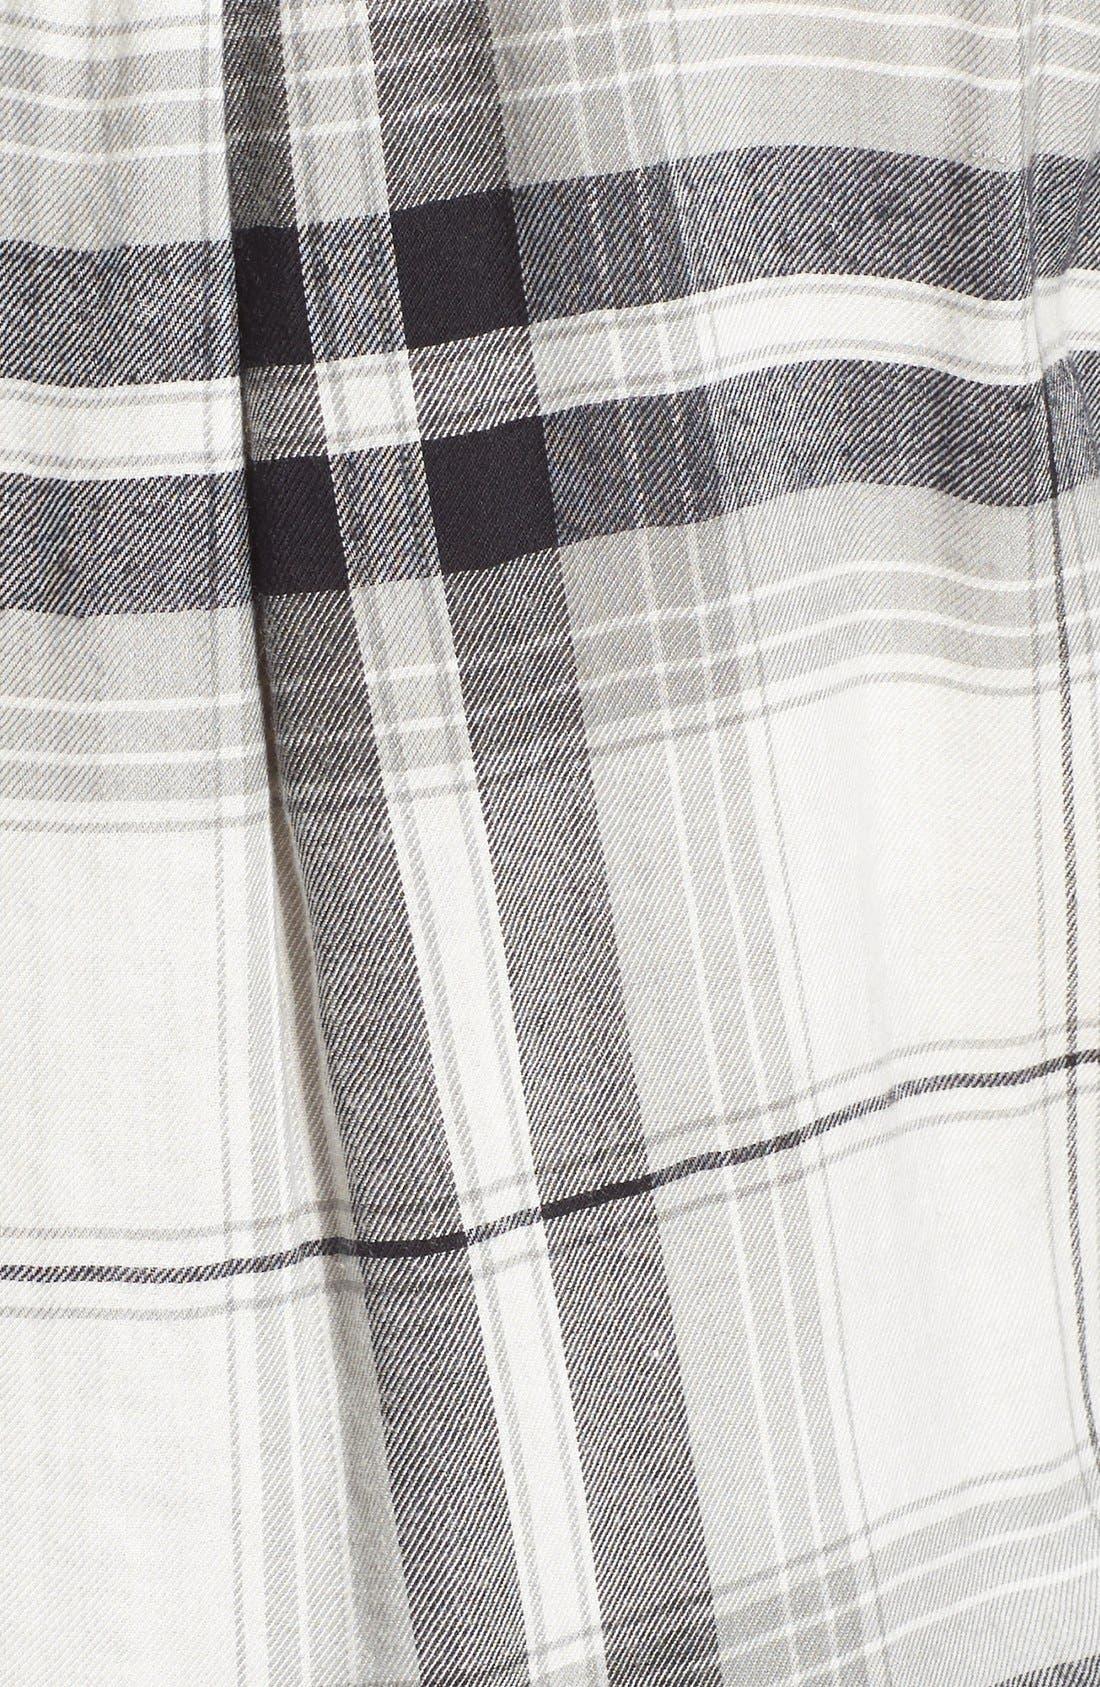 ,                             Plaid Tunic Shirt,                             Alternate thumbnail 41, color,                             900